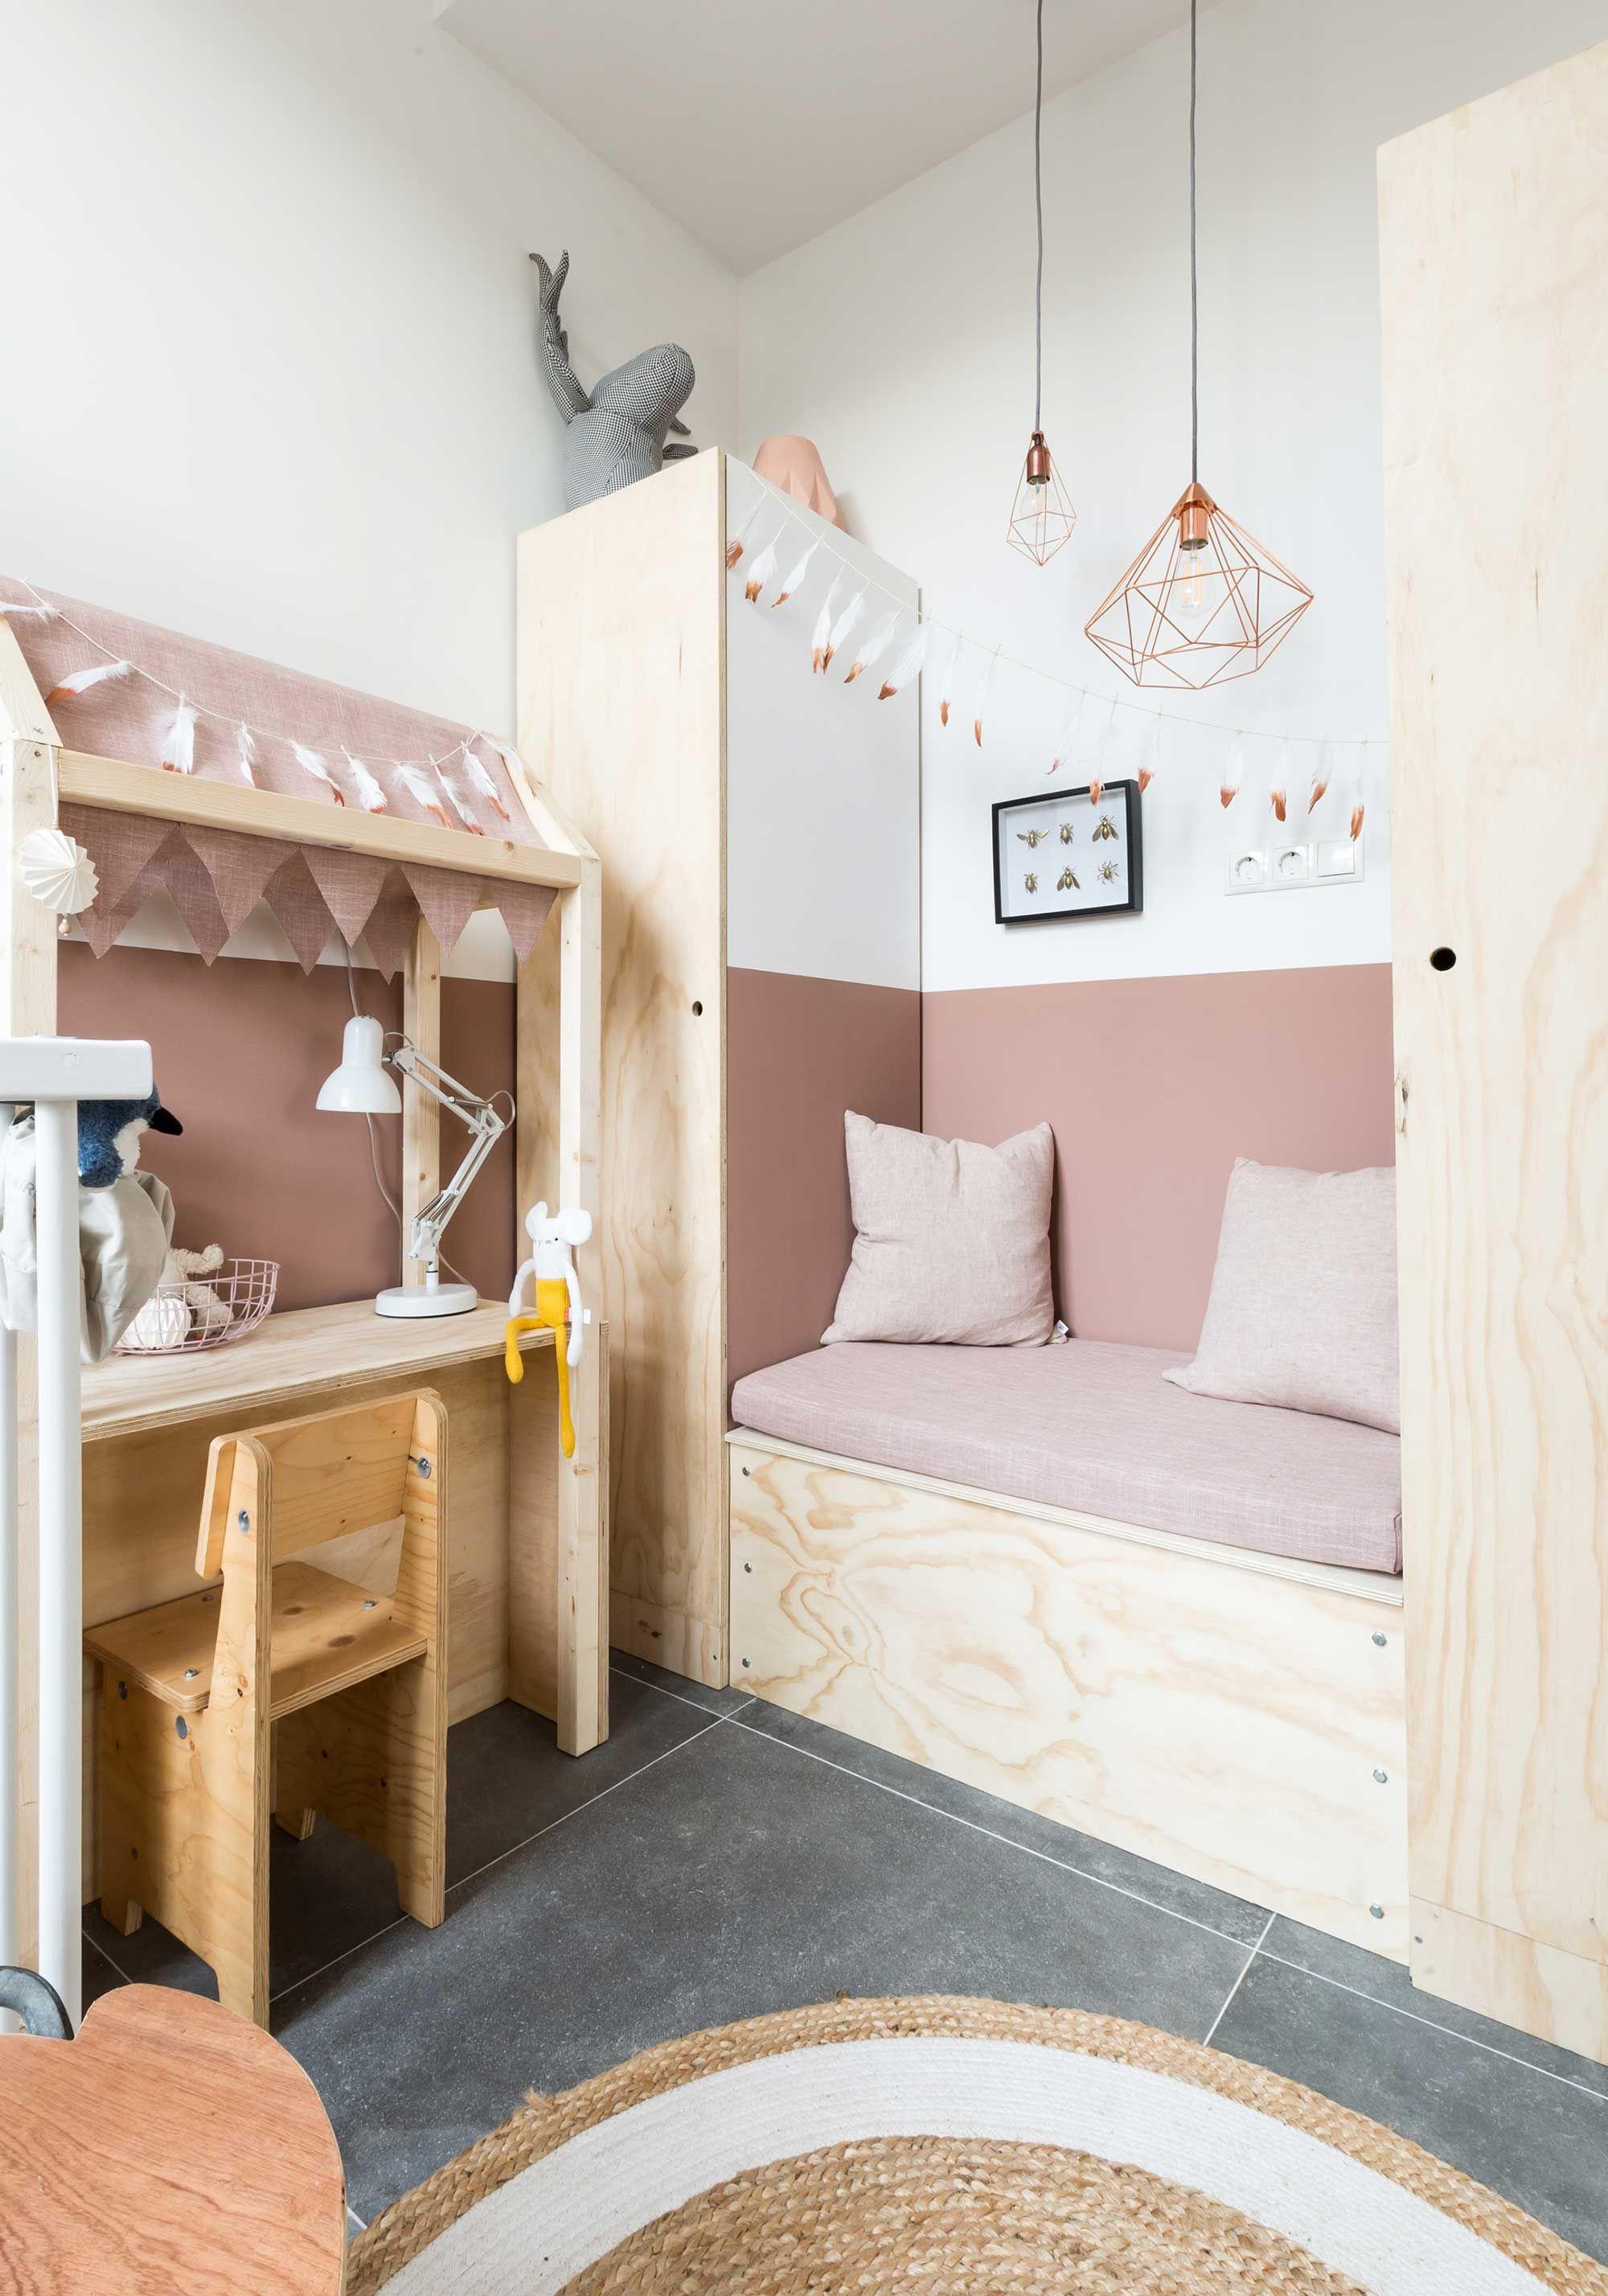 chambre aux teintes naturelles, bois, tissus roses et sol gris ...